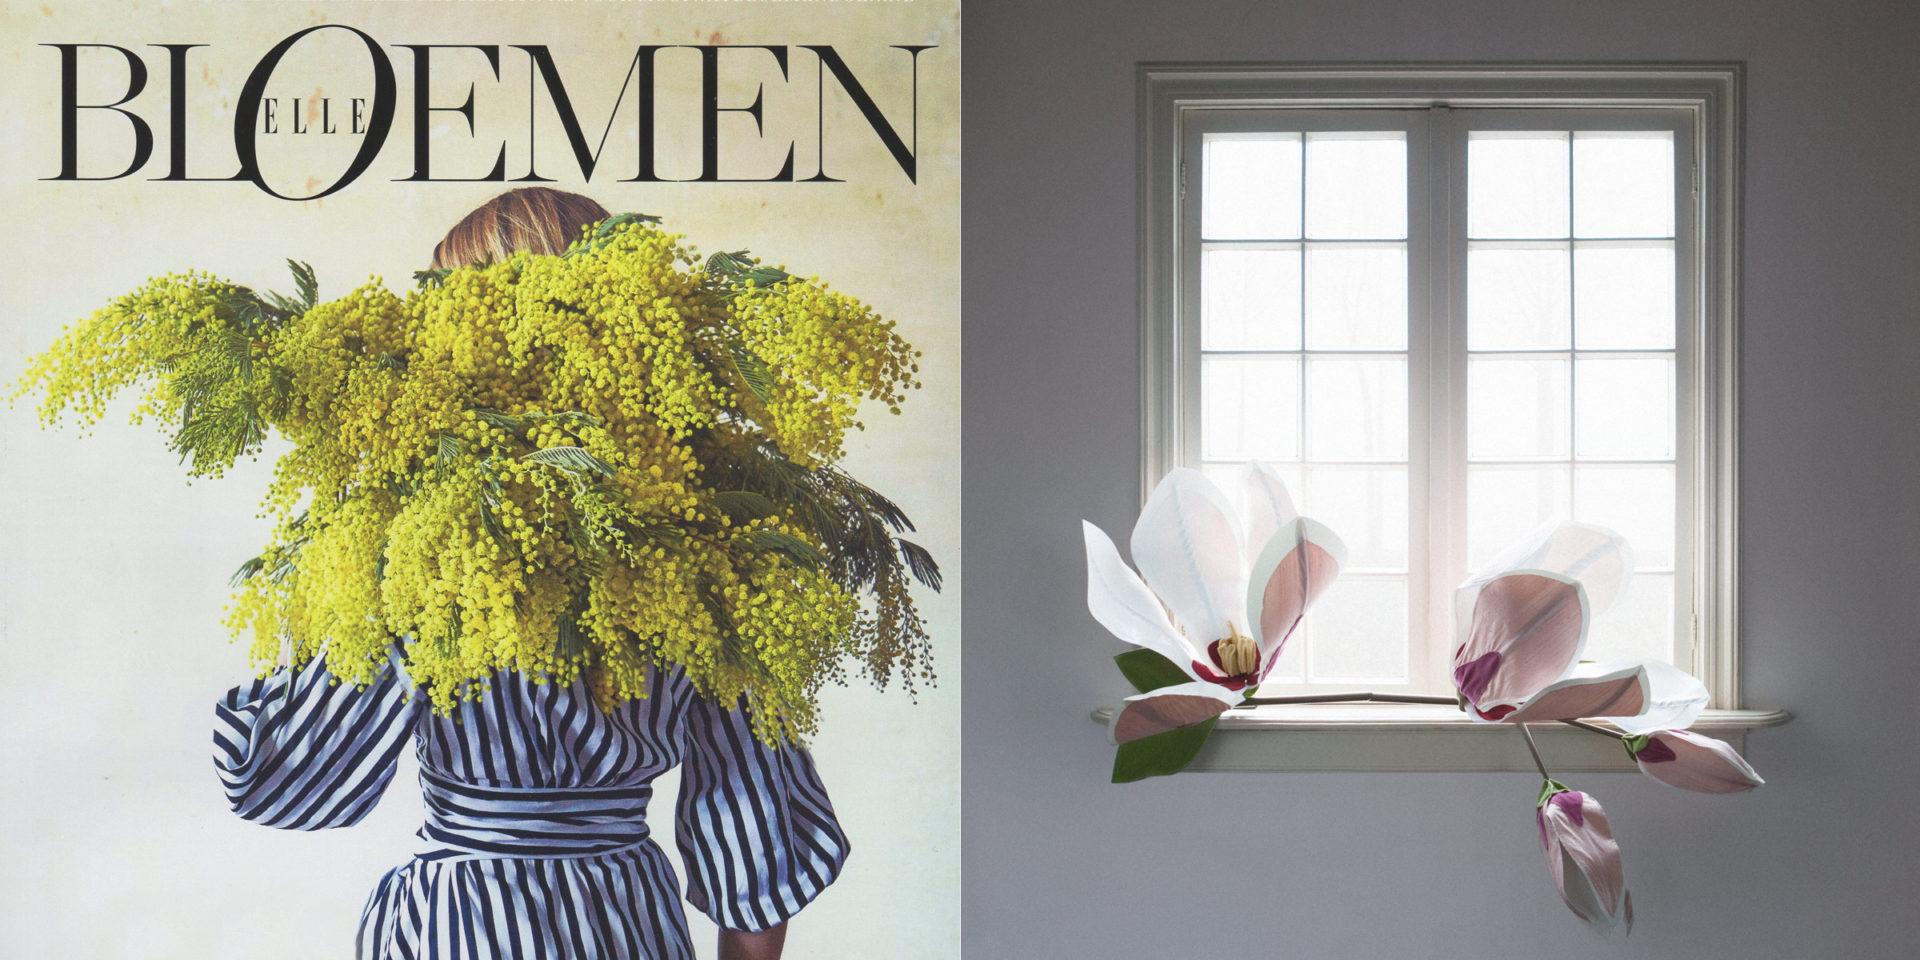 2-elle-bloemen-nieuwspagina